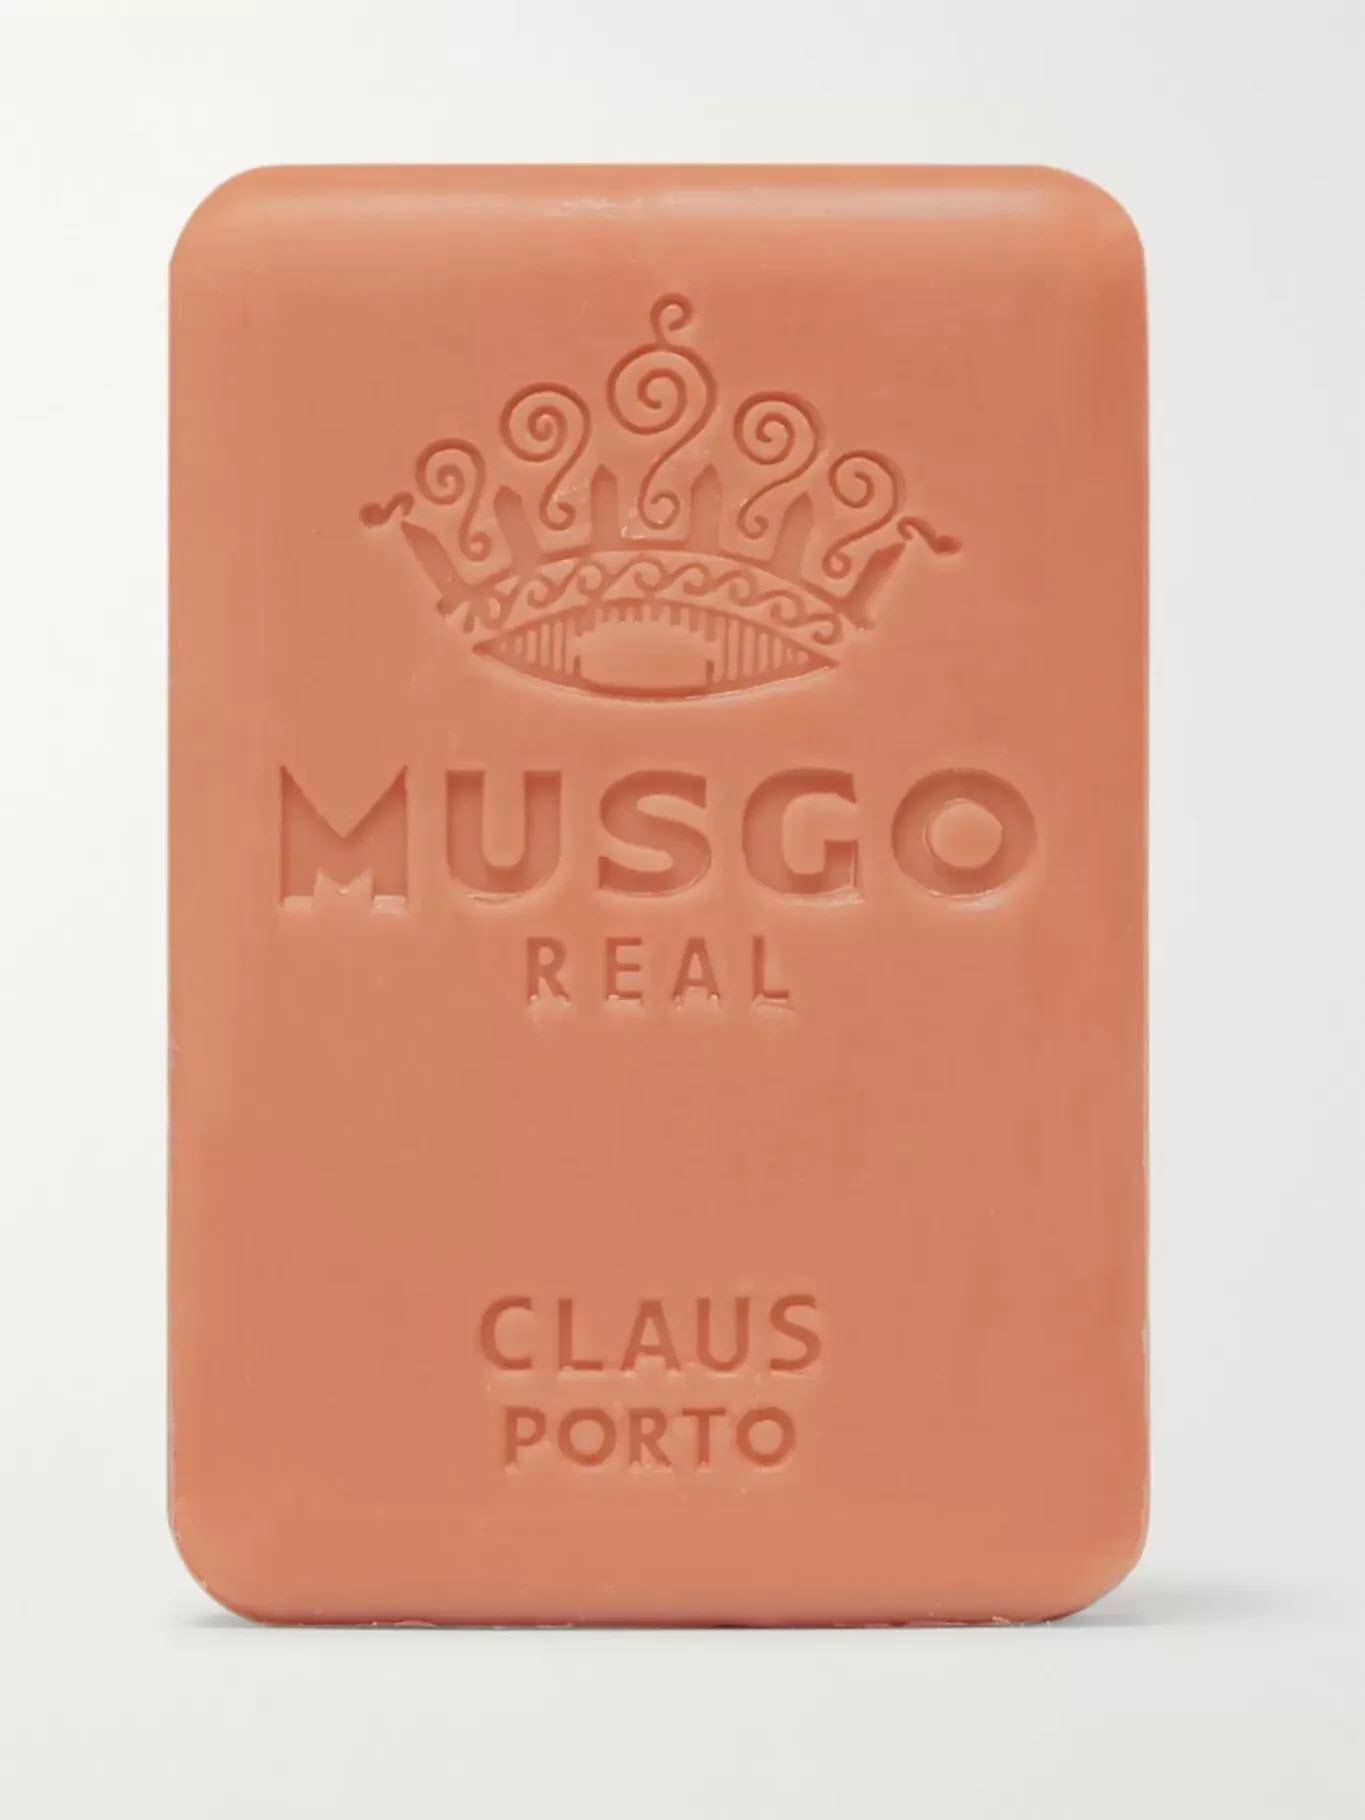 claus-porto-musgo-real-soap-spiced-citrus-160g